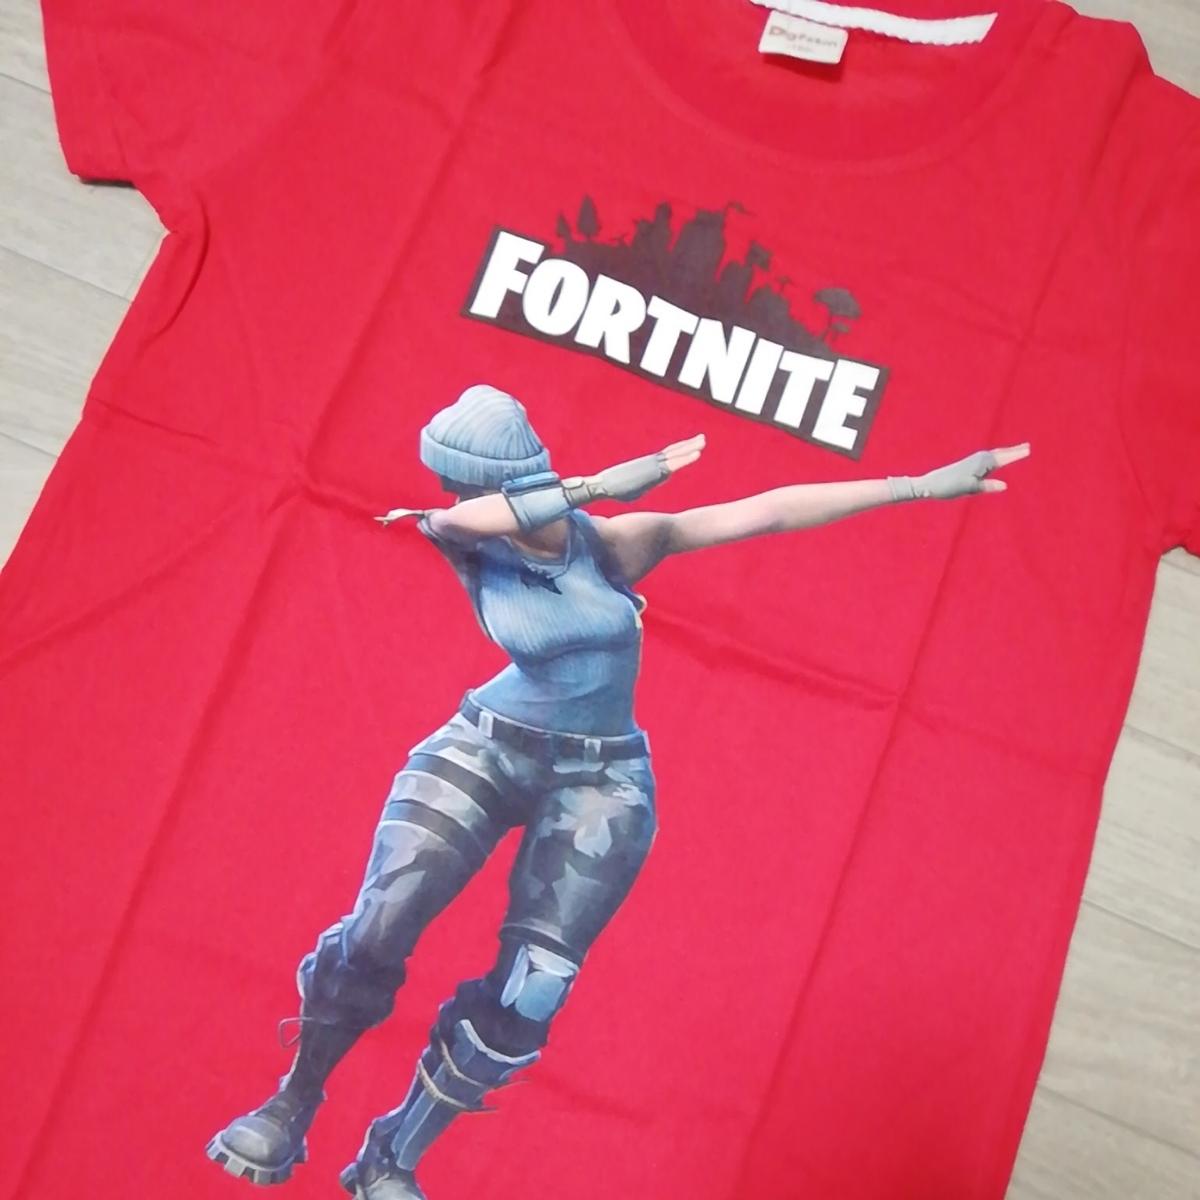 新品タグ付き フォートナイト FORTNITE Tシャツ キッズ 子供用 大人気 ゲーム オンライン 150_画像2